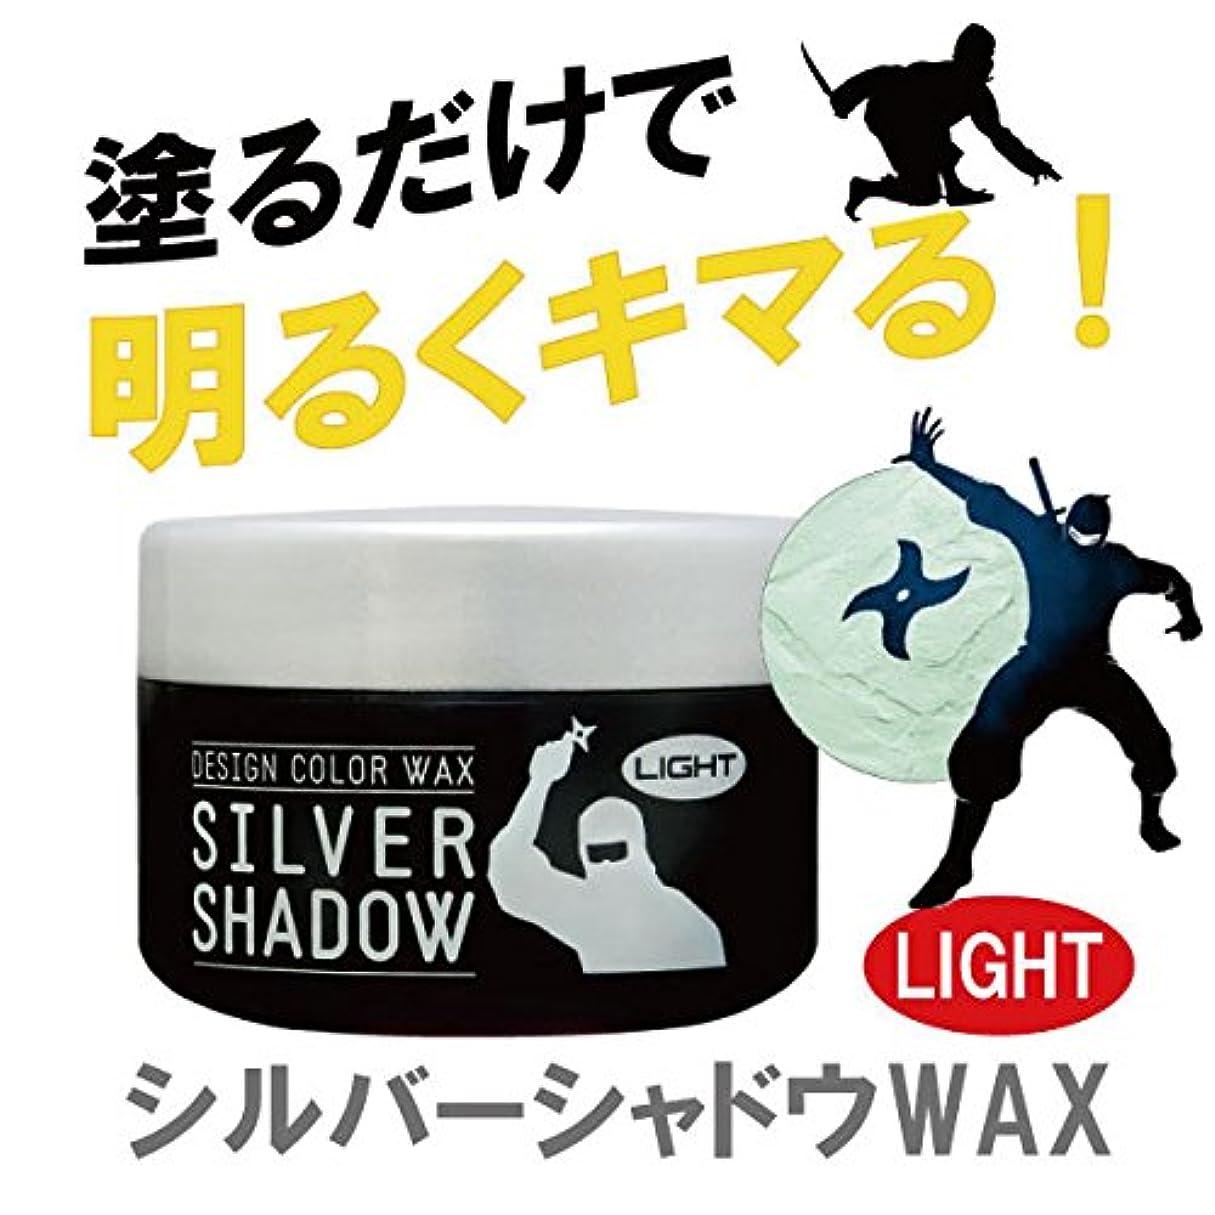 酸豊富な保証シルバーシャドウワックス 120g LIGHTタイプ